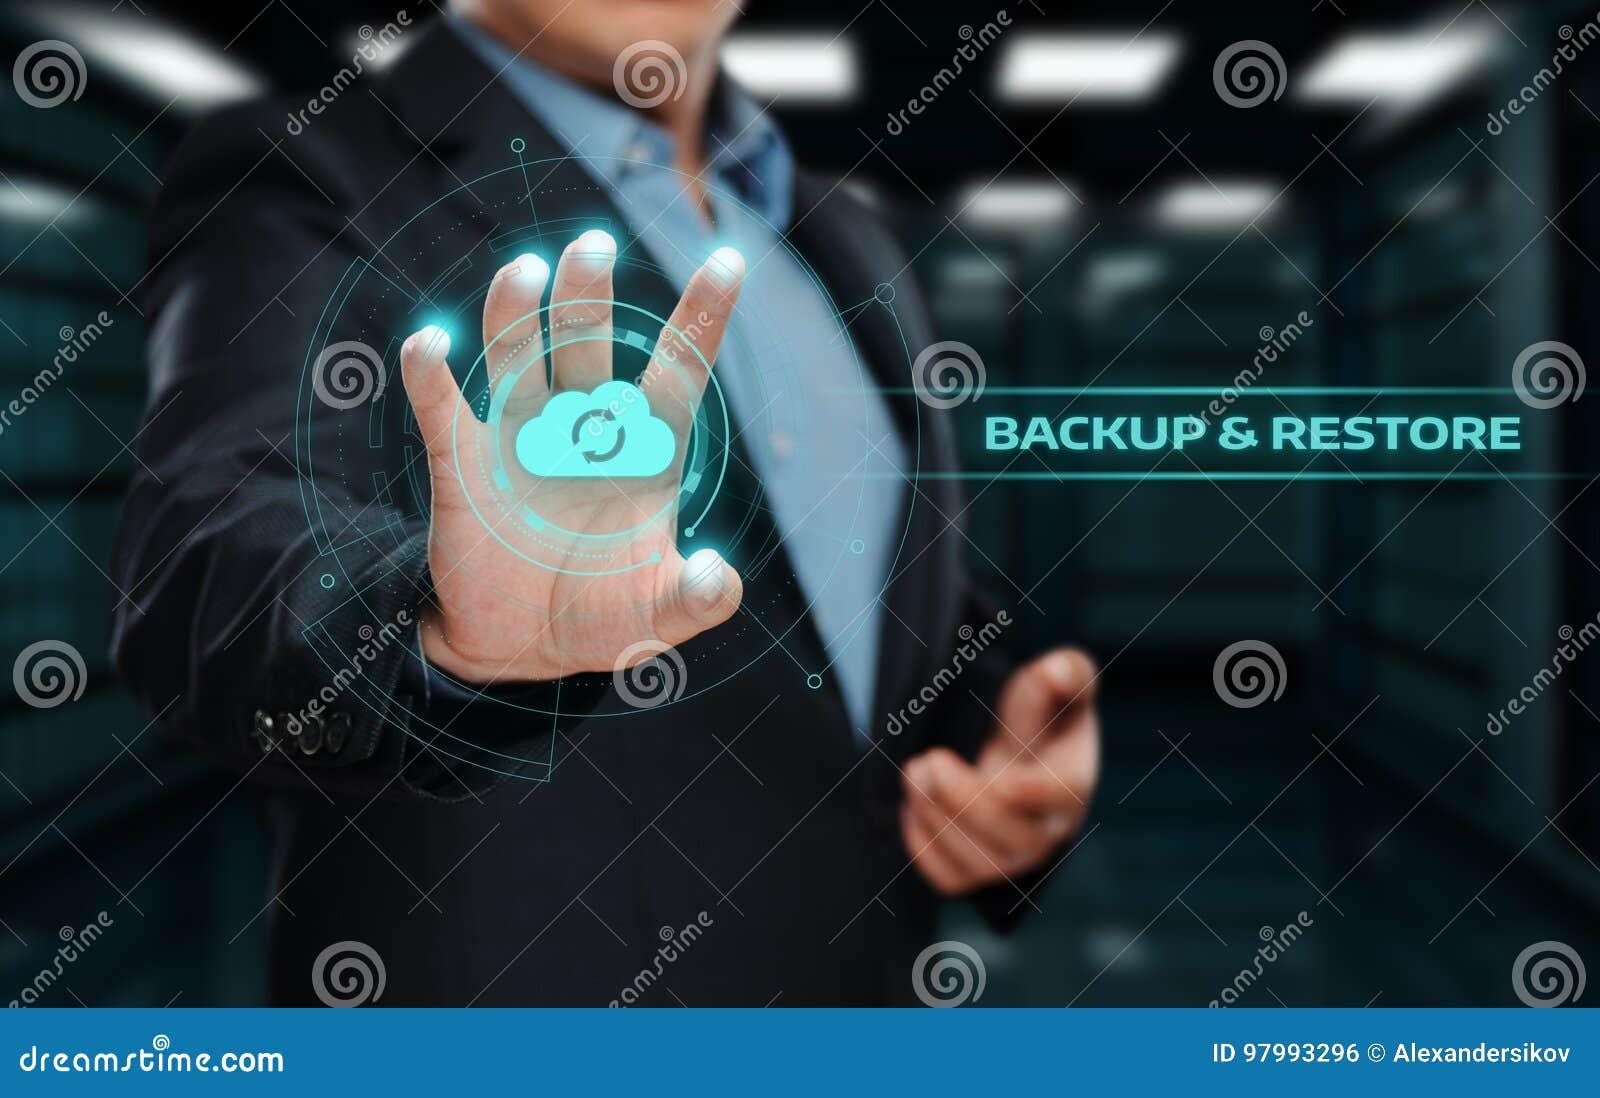 Conceito do negócio da tecnologia do Internet dos dados do armazenamento alternativo